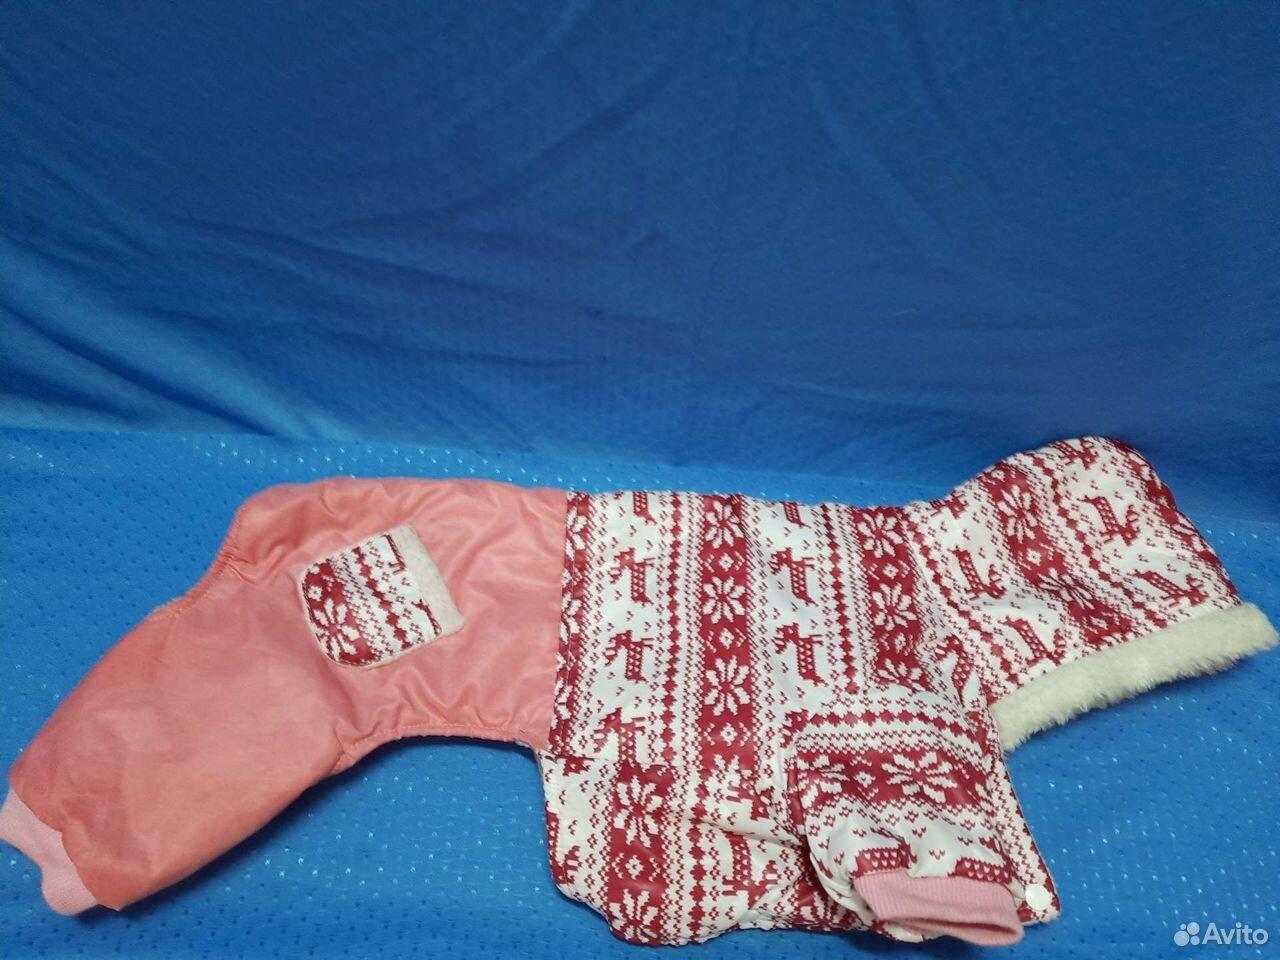 Комбез для небольшой собаки  89512258580 купить 1